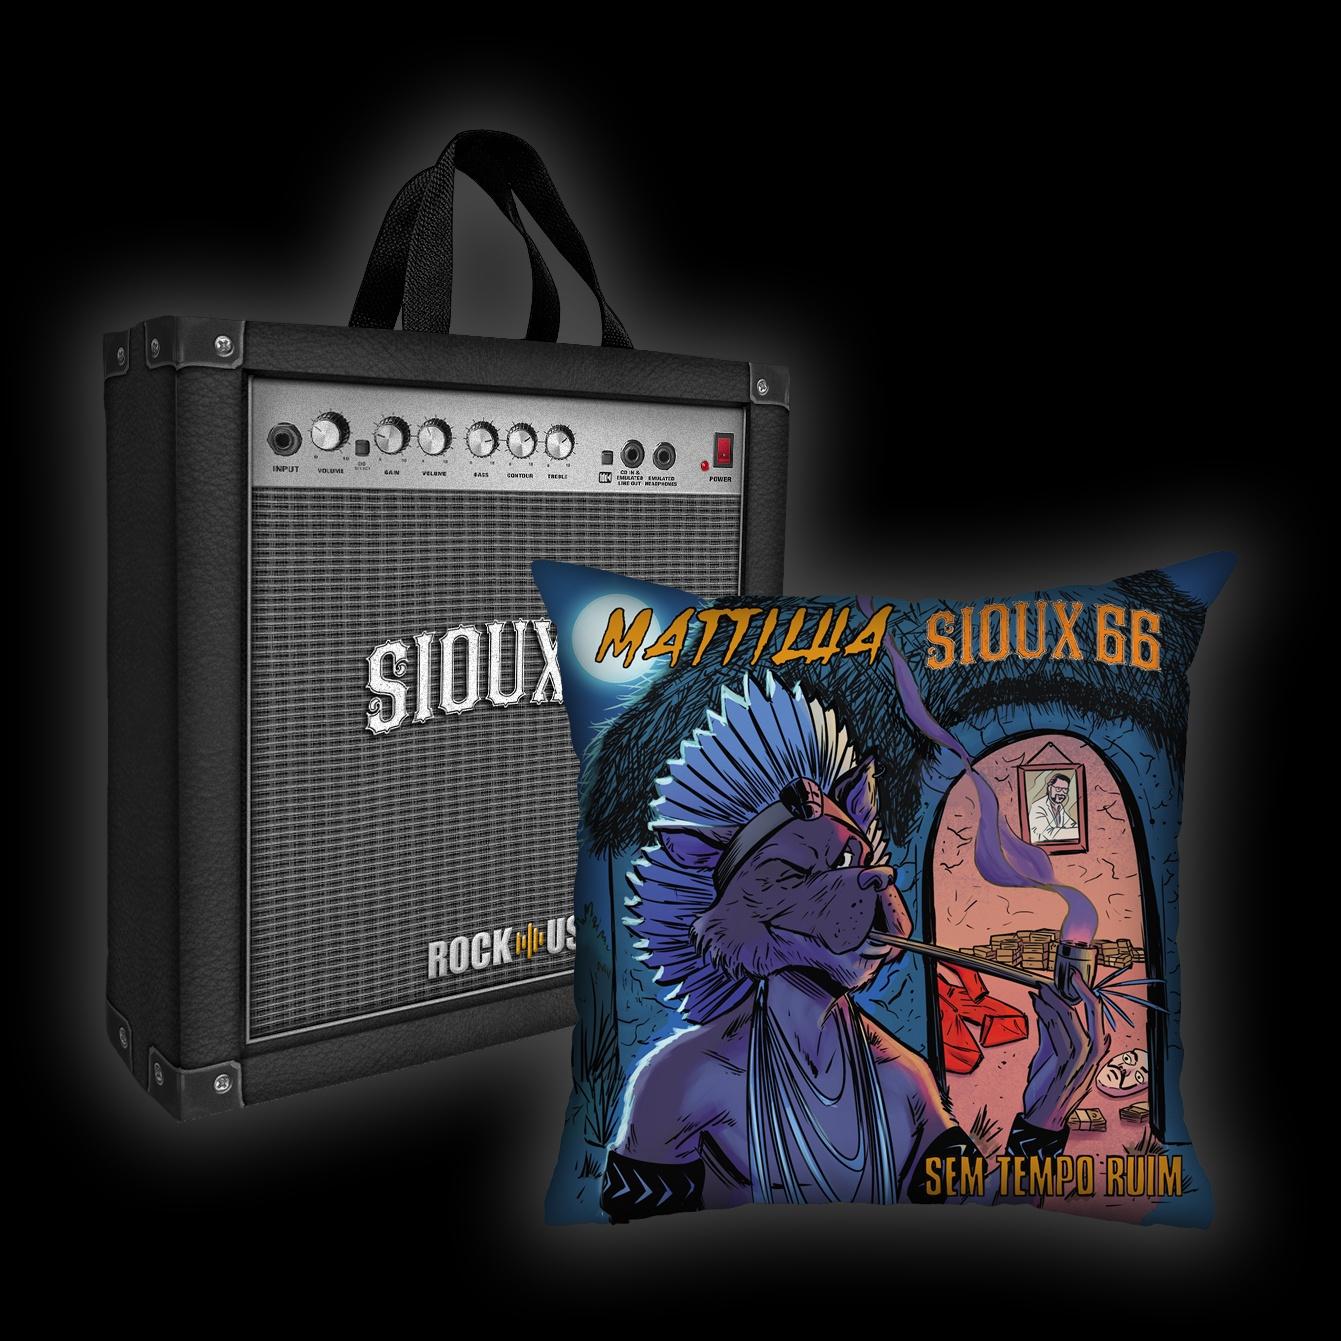 Kit Almofada + Sacola Sioux 66 - Sem Tempo Ruim